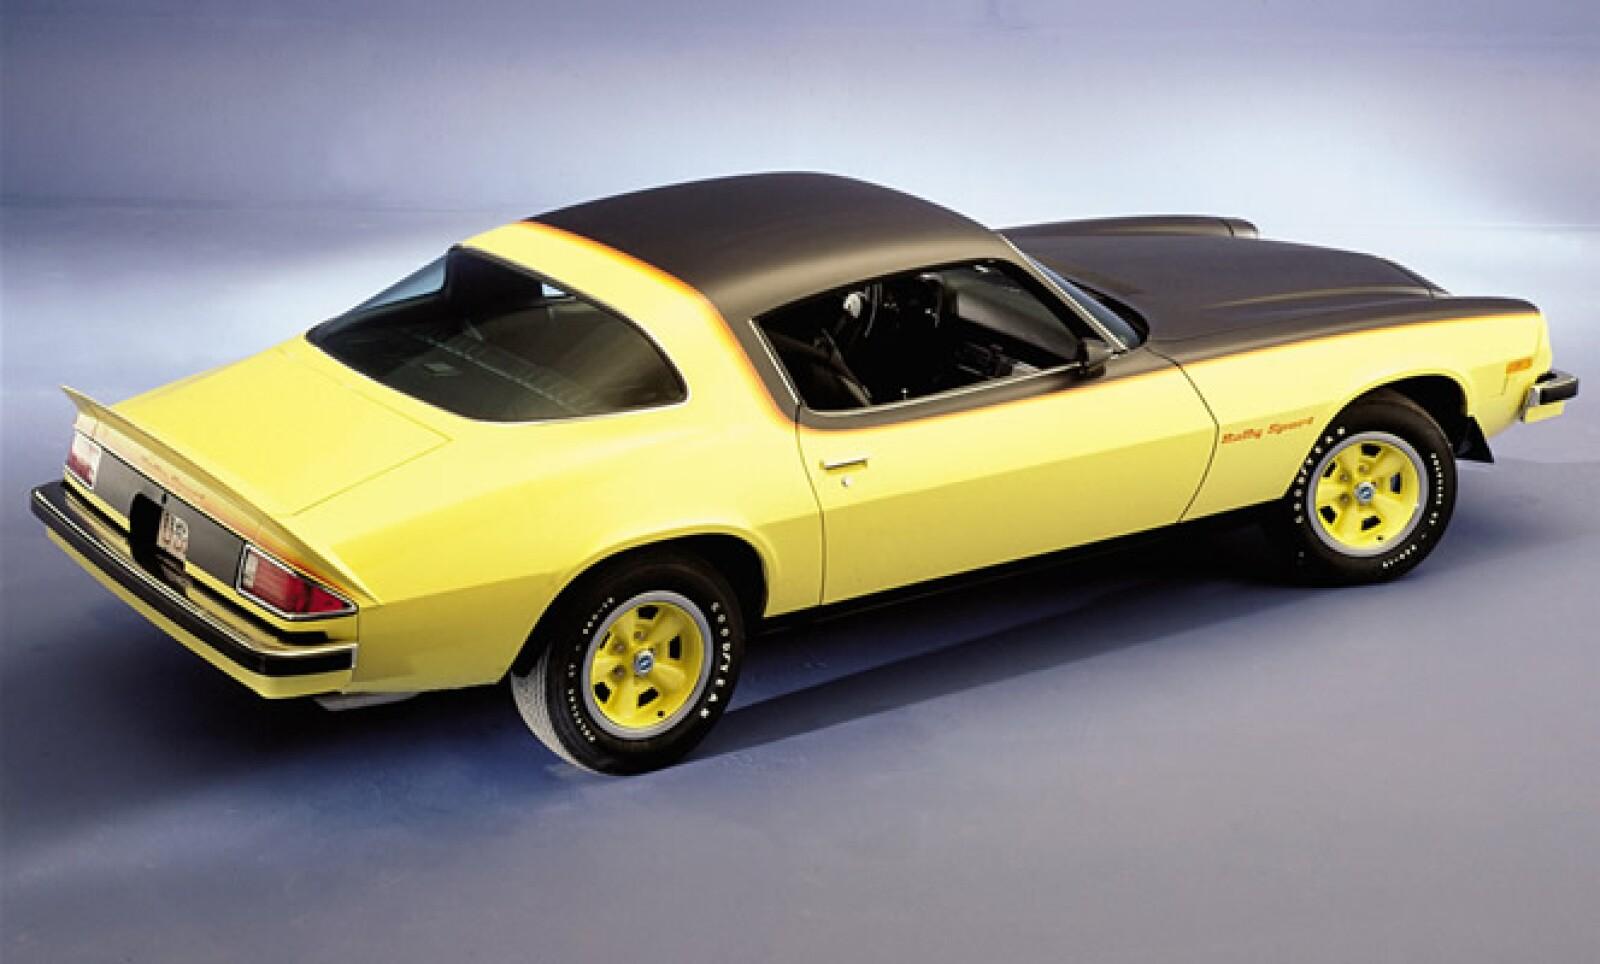 La primera generación de este vehículo salió a la venta en 1966, para competir directamente con el Ford Mustang. Estaba disponible en dos versiones, manual de 4 velocidades y automática de 3 posiciones.